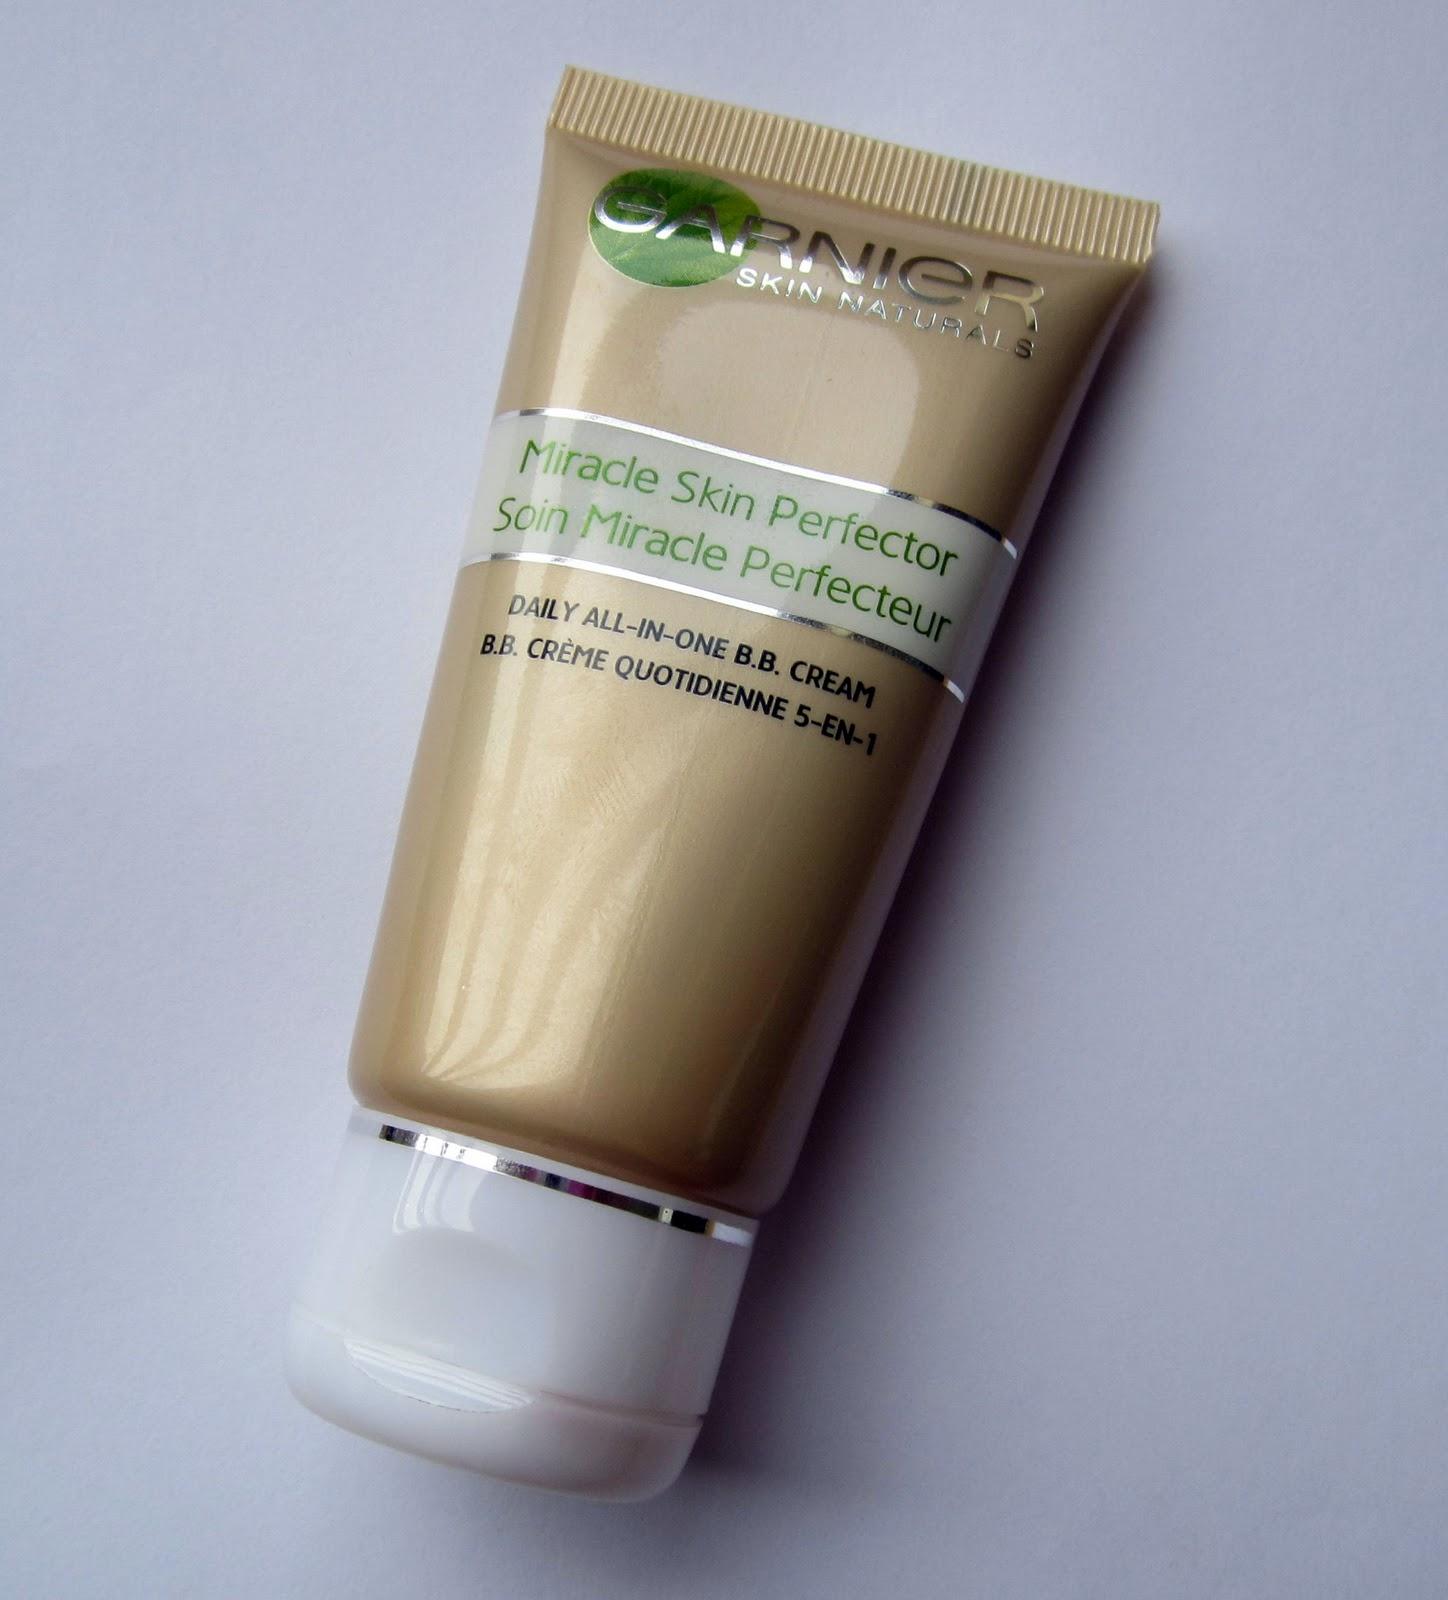 BB cream de Garnier